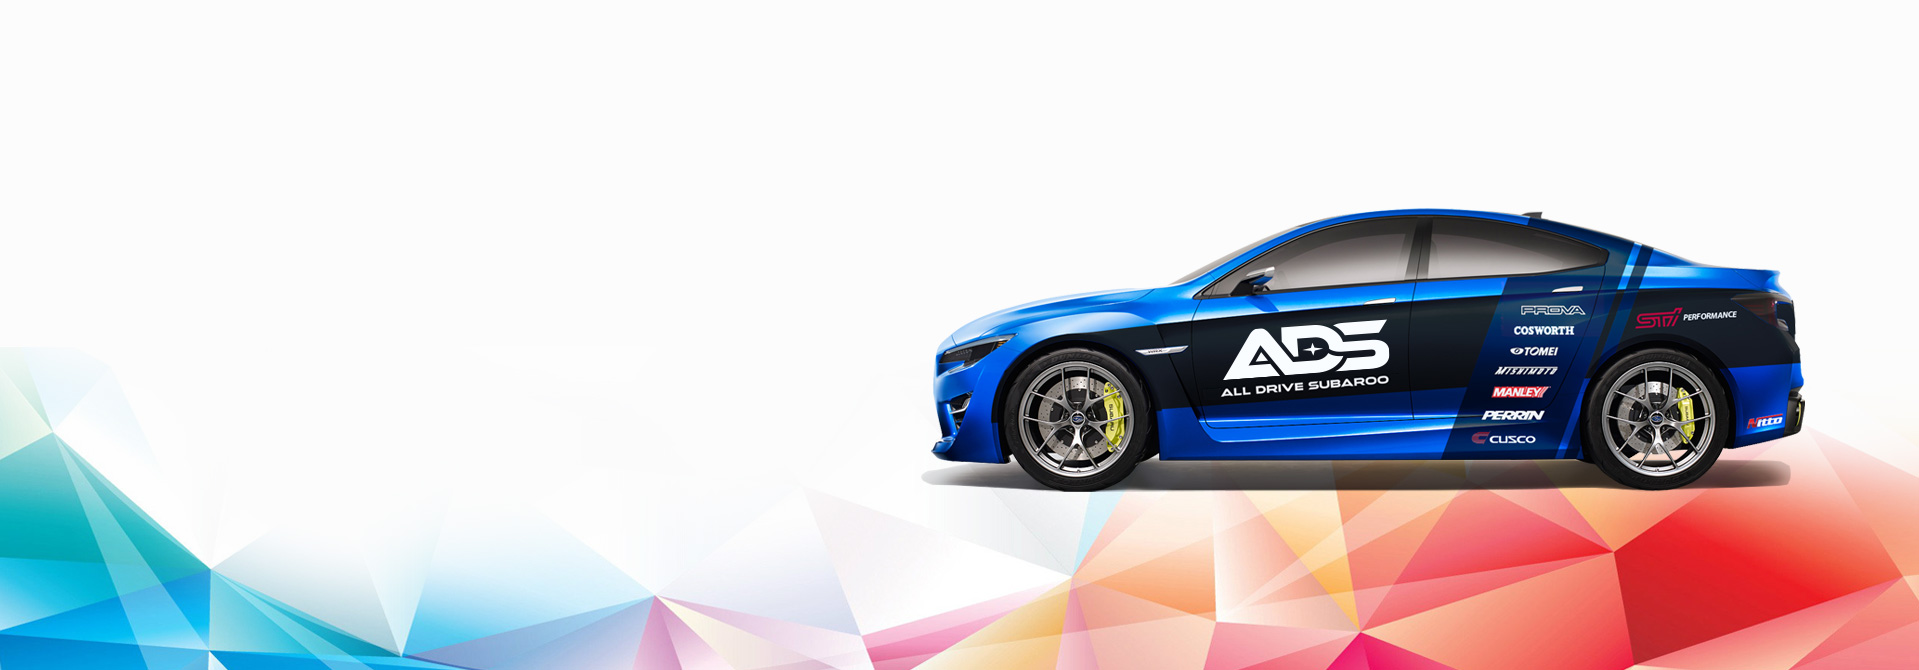 Subaru Parts, Spares & Specialist Service Centre - All Drive Subaroo